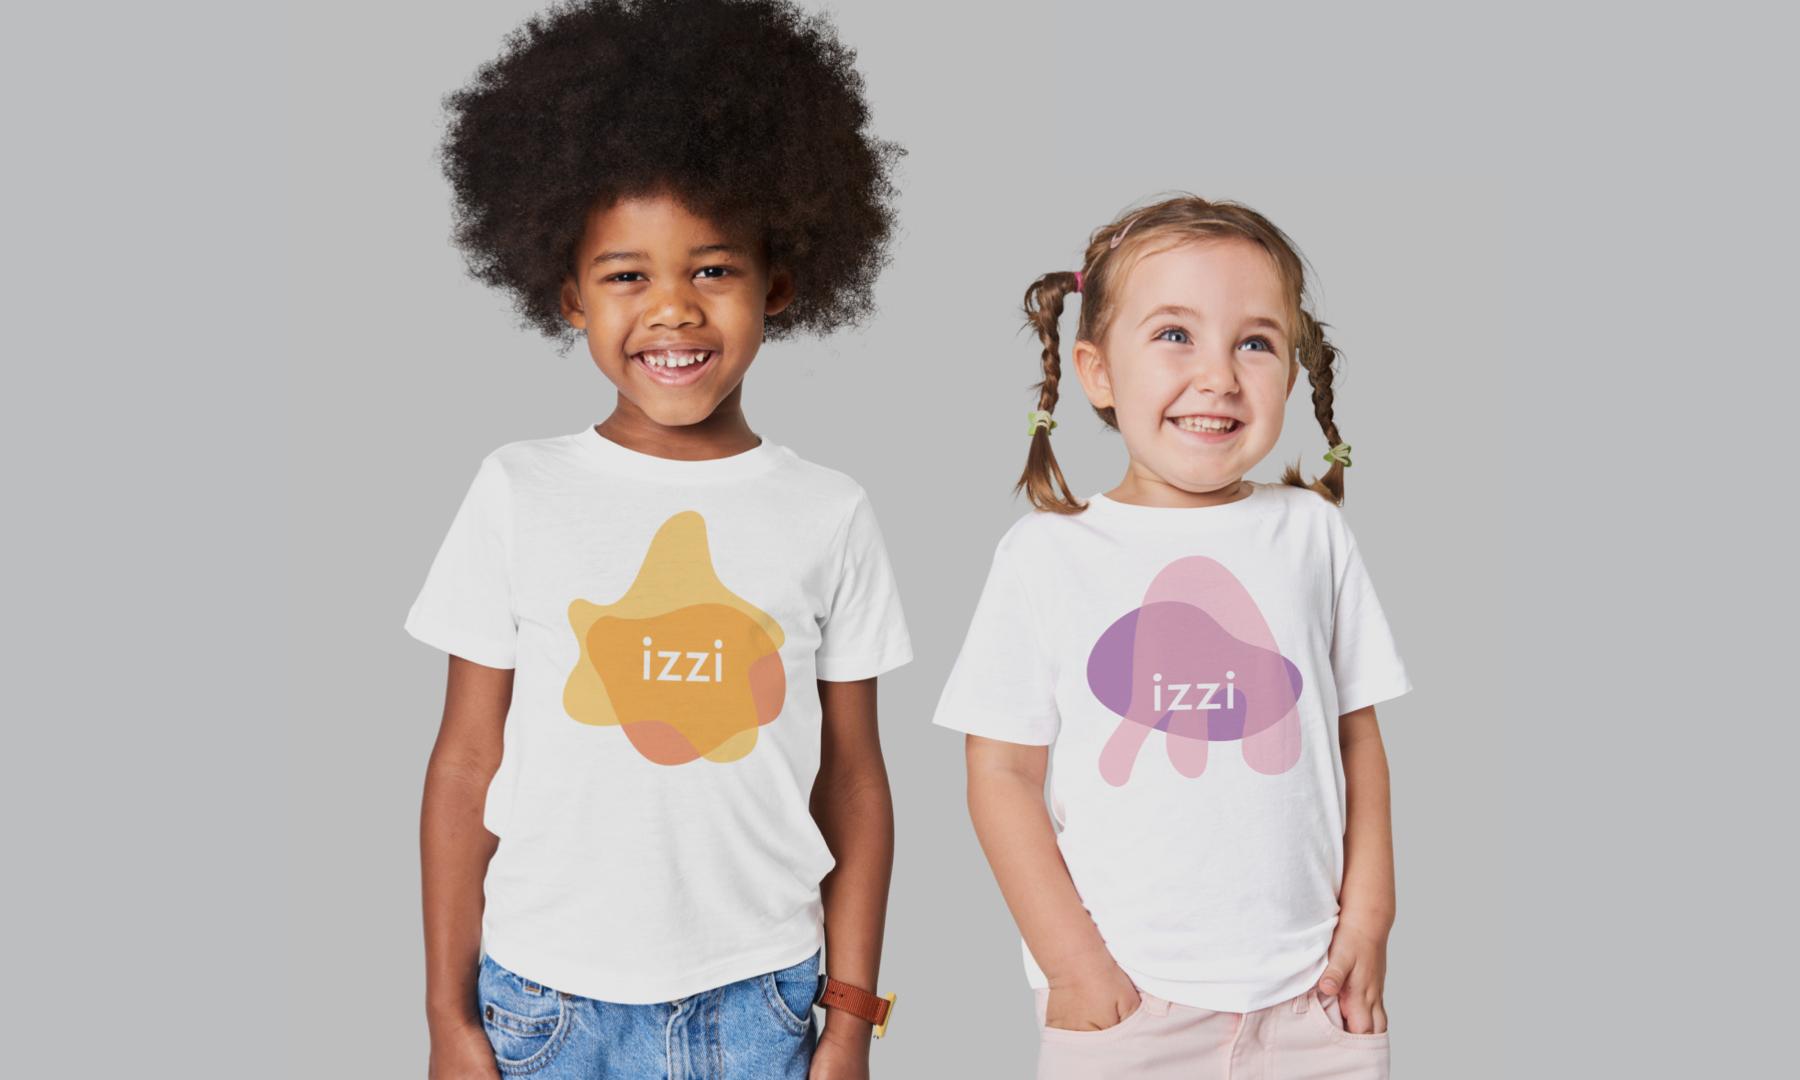 Hymn rebrand IZZI, une institution préscolaire en Californie